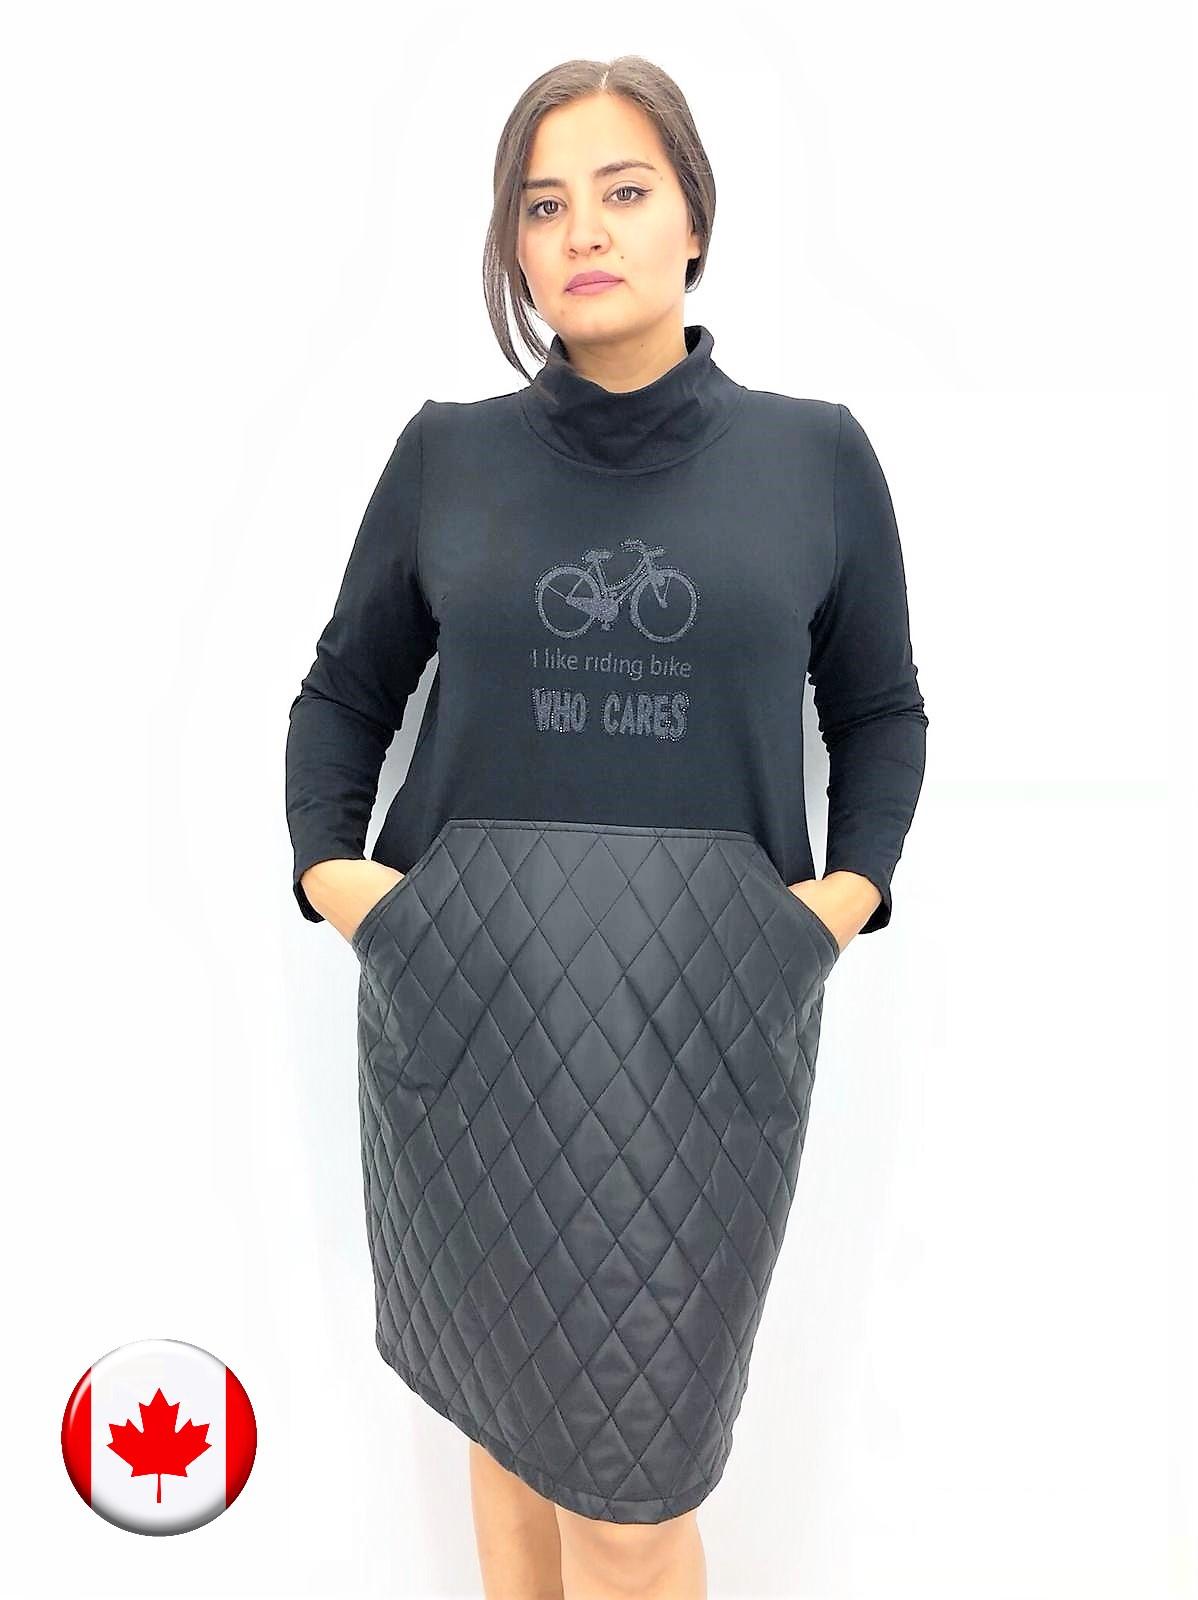 Магазин женской одежды в Сочи и Адлере КАНАДА - женская одежда больших размеров для полных девушек и женщин - фото, каталог, официальный сайт